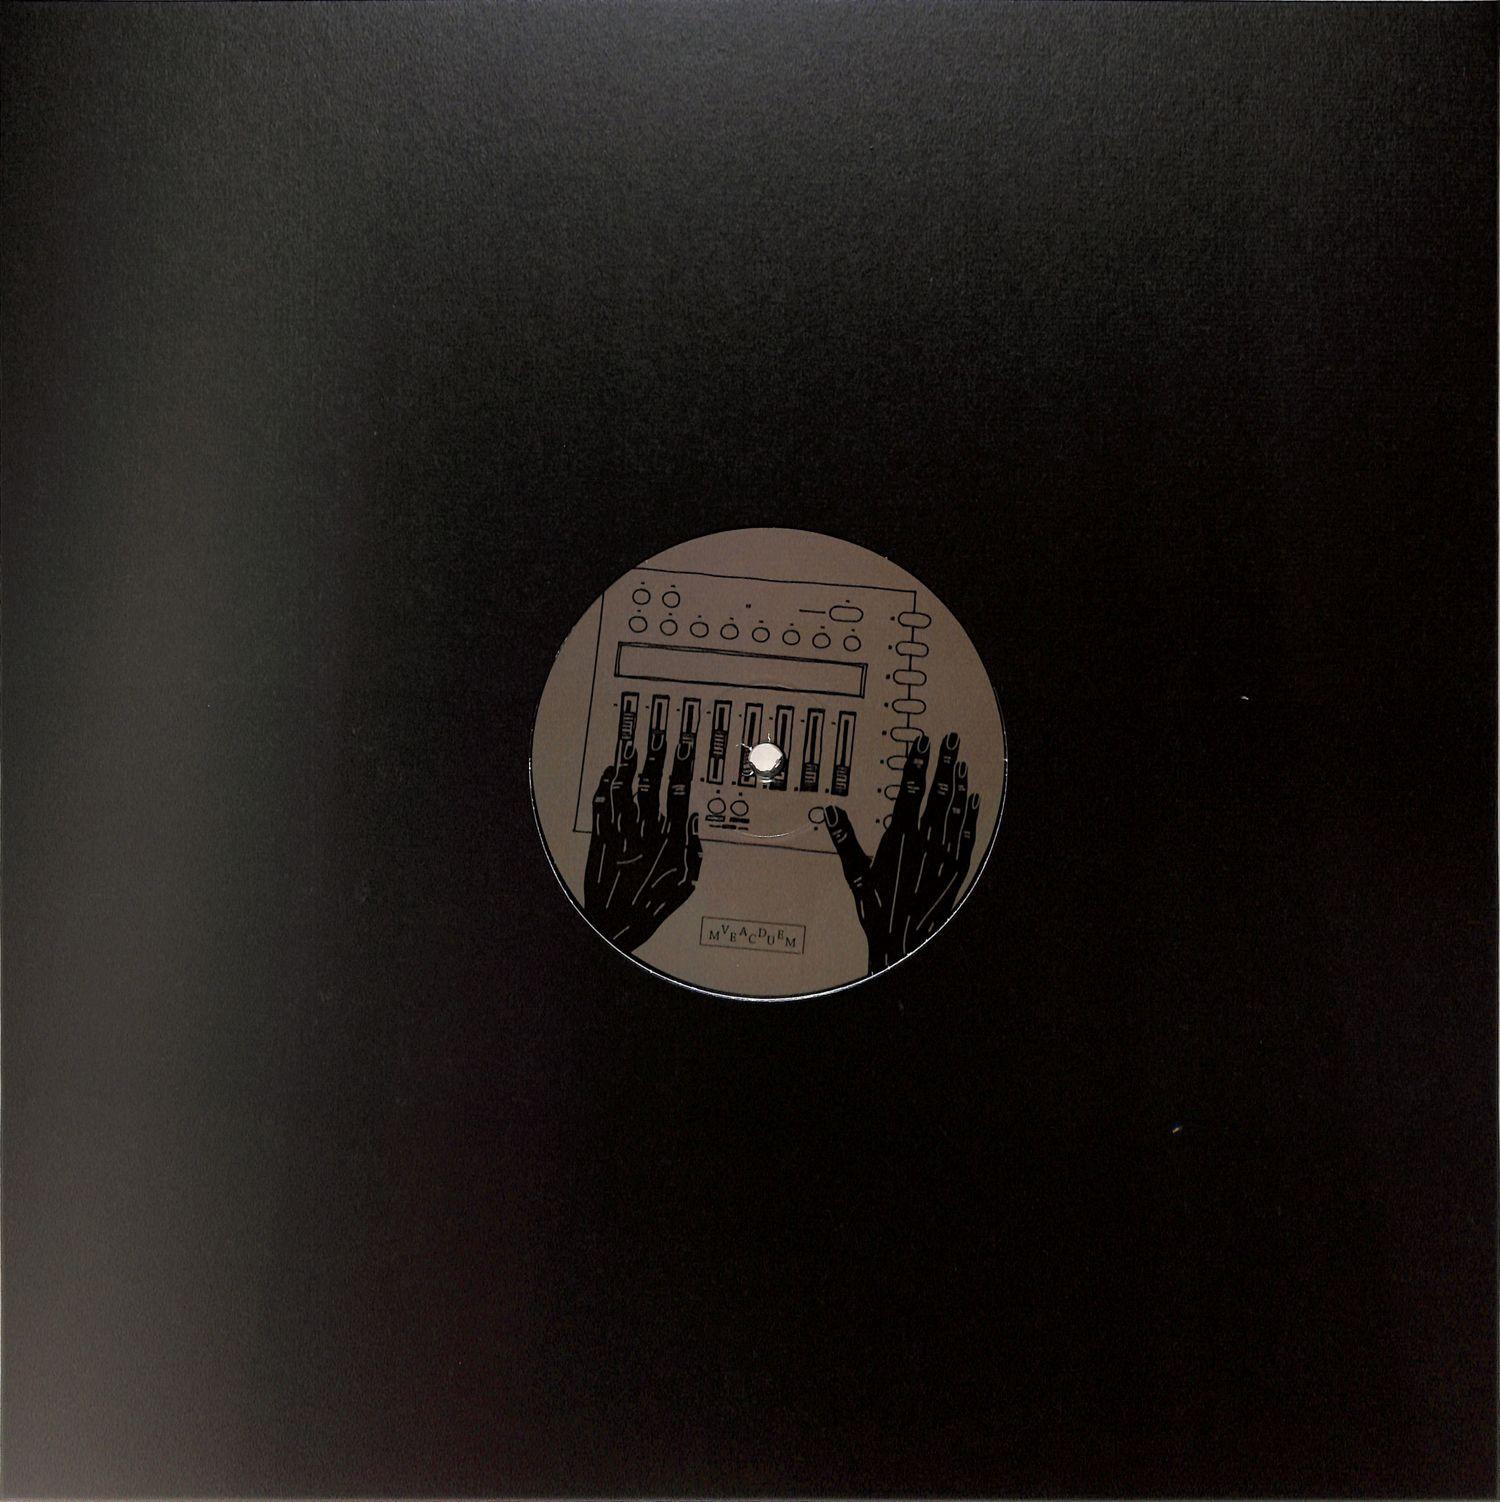 Matt & Mark Thibideau - TRANSFER EP